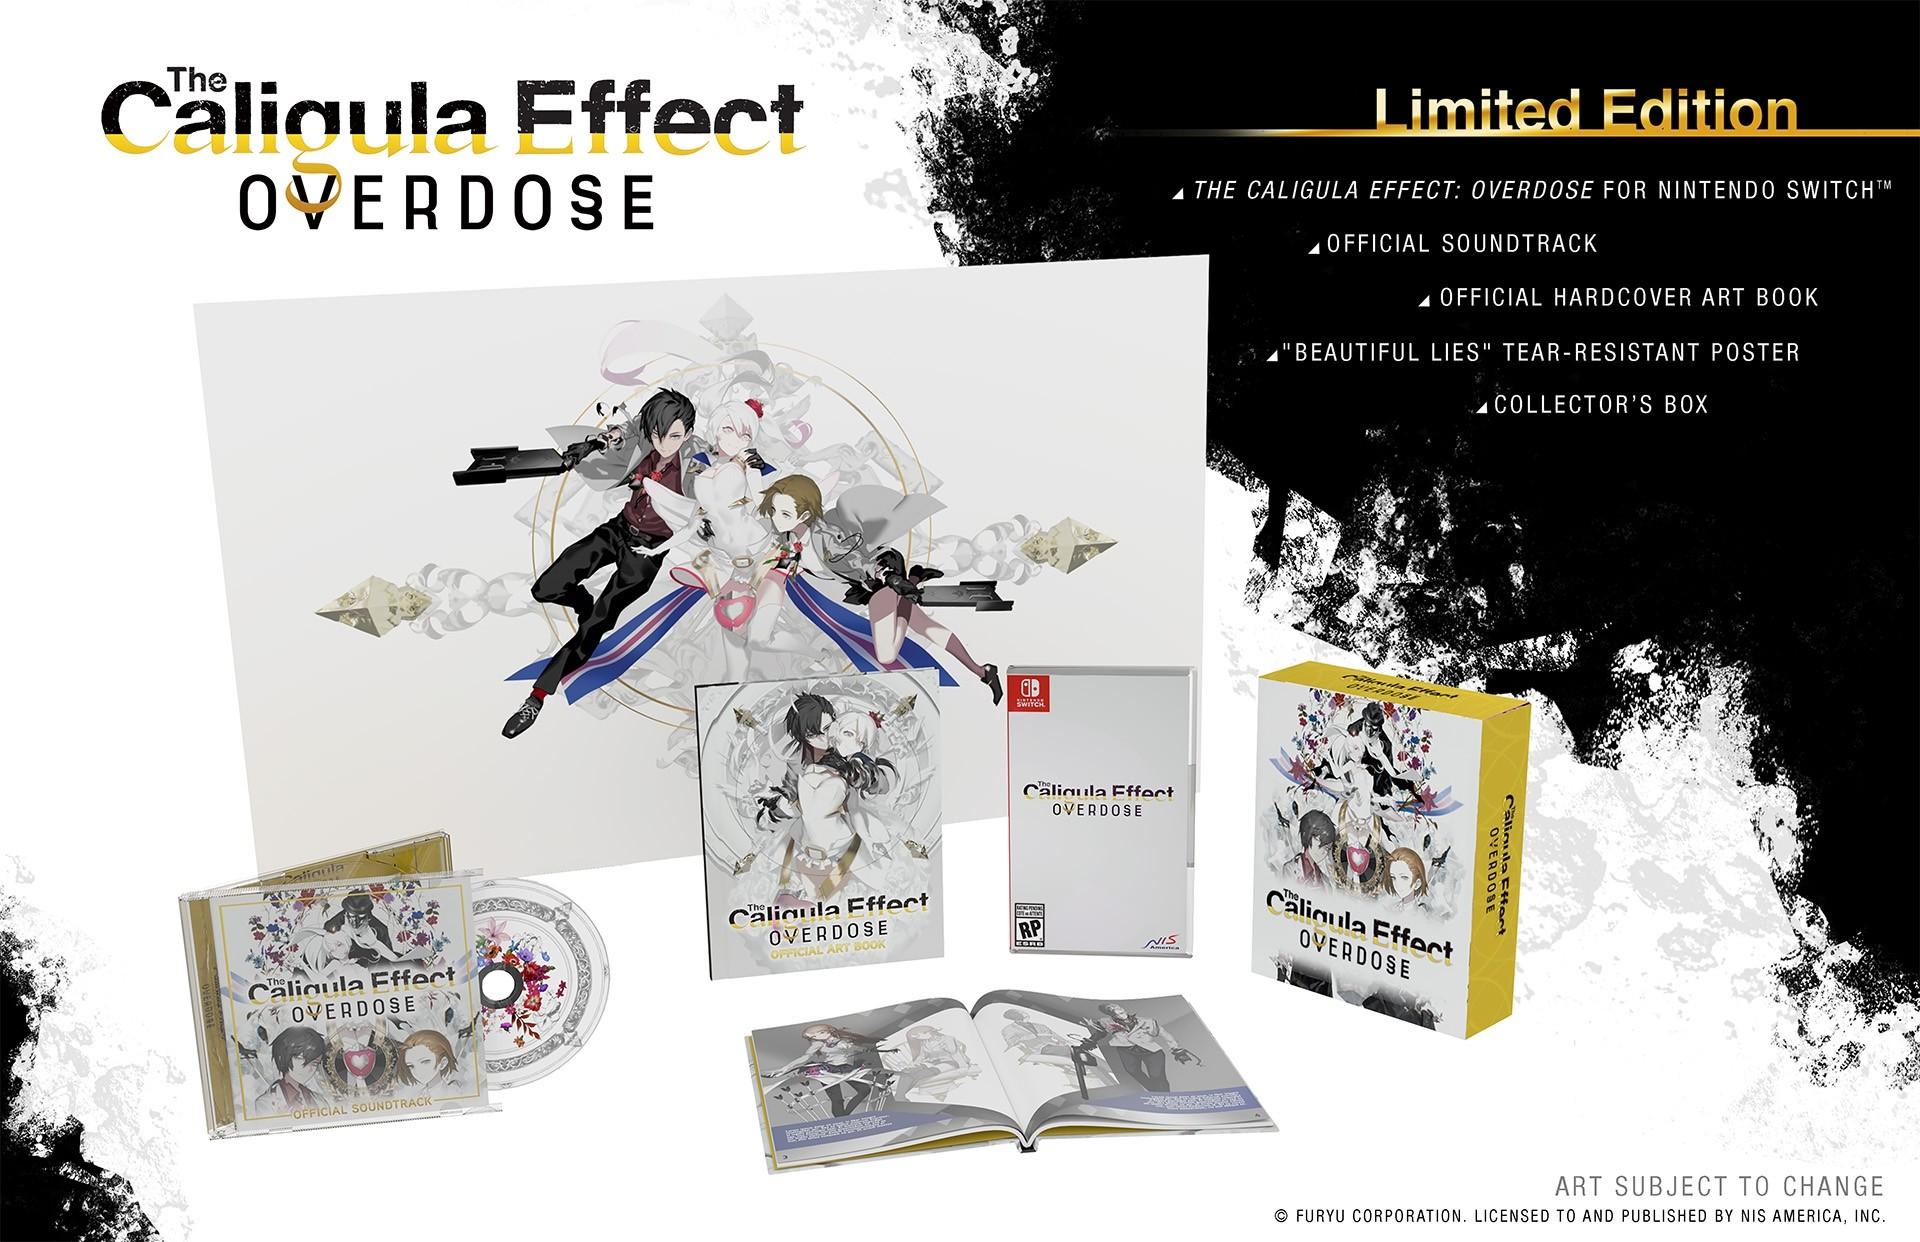 RPG Maker MV, The Caligula Effect: Overdose, The Princess